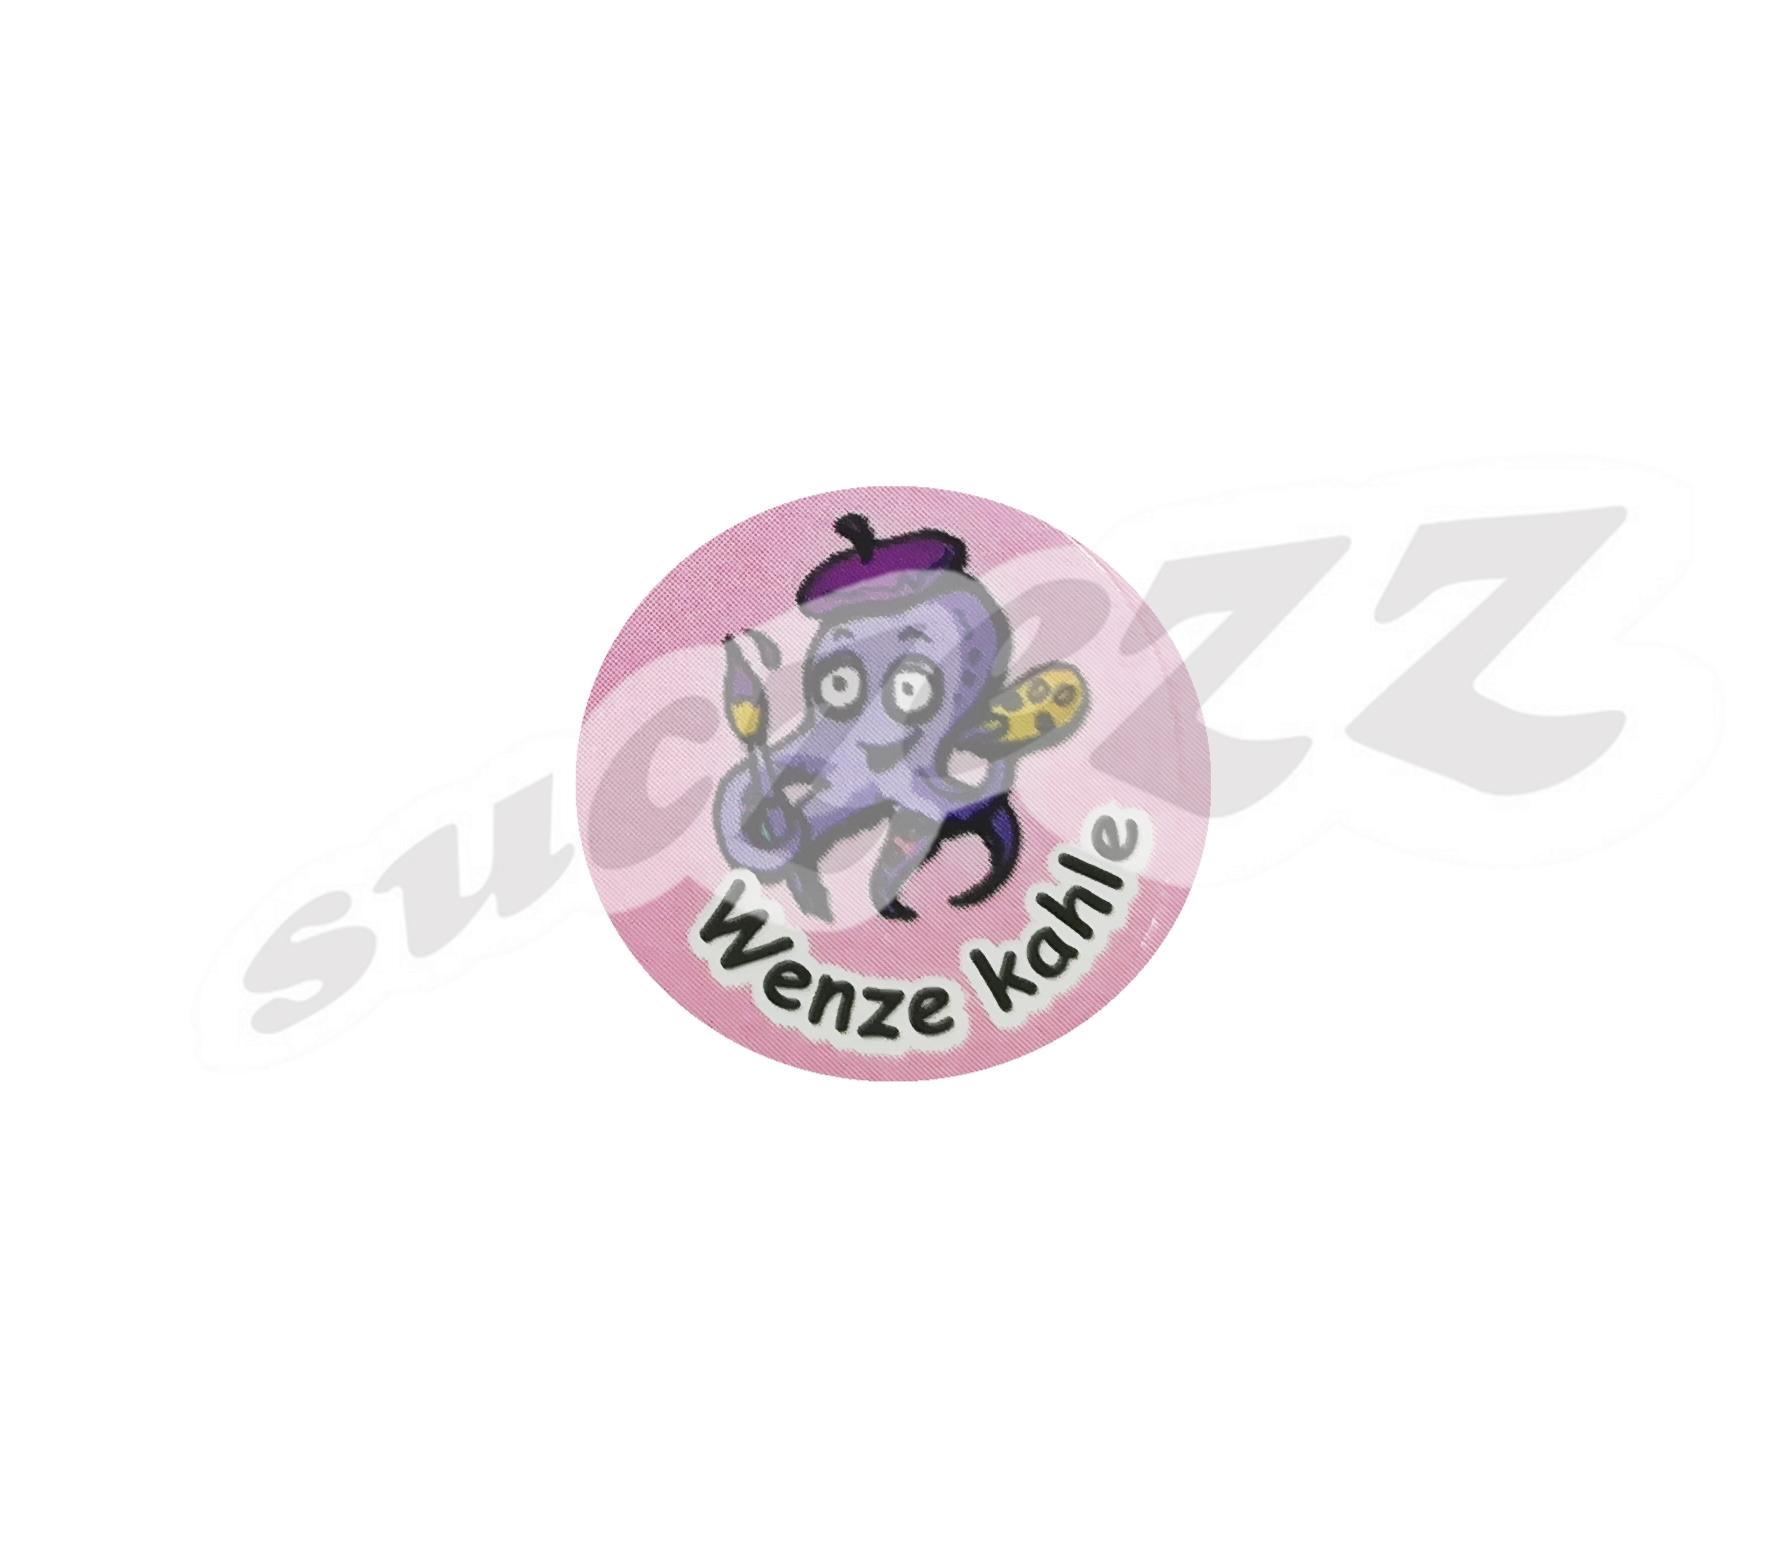 Sticker wenze kahle